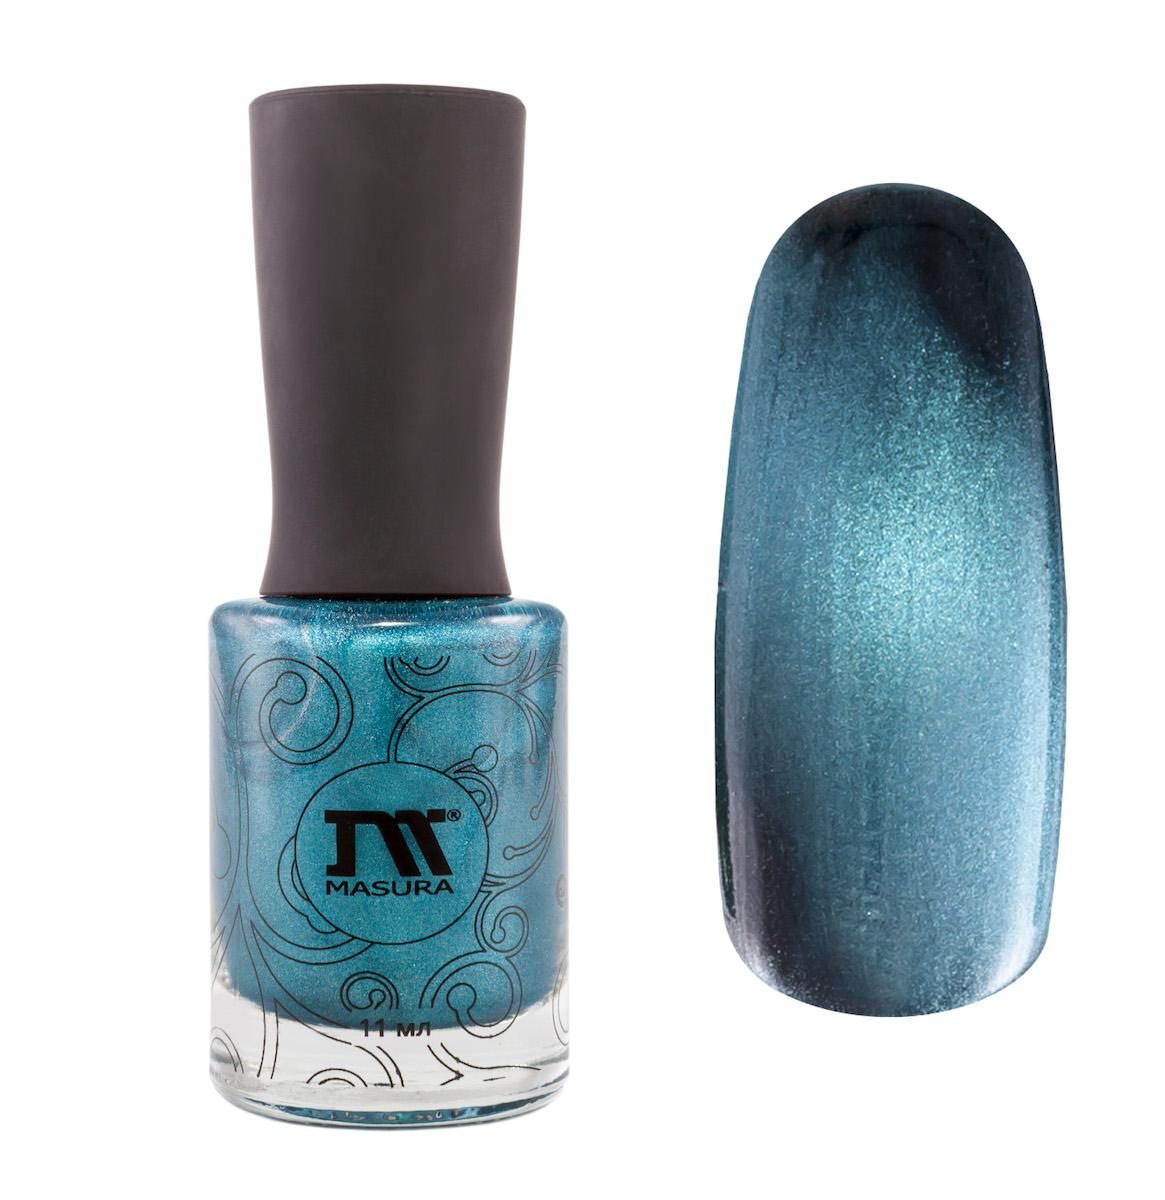 Masura Лак для ногтей Небесный Сапфир, 11 мл50060008небесно-синий